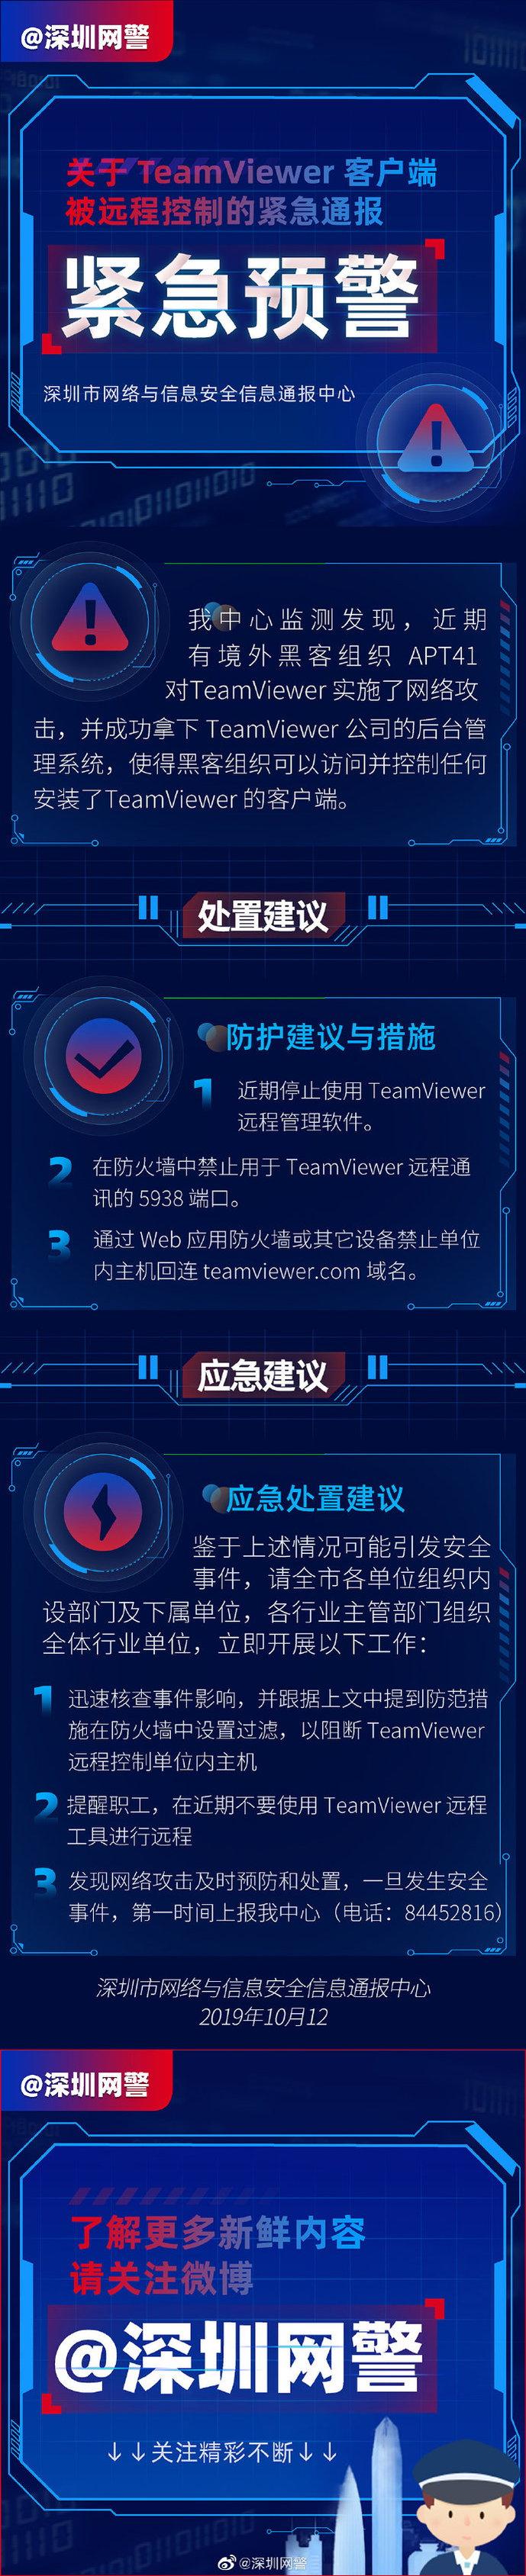 深圳网警紧急通报:TeamViewer客户端被黑客远程控制